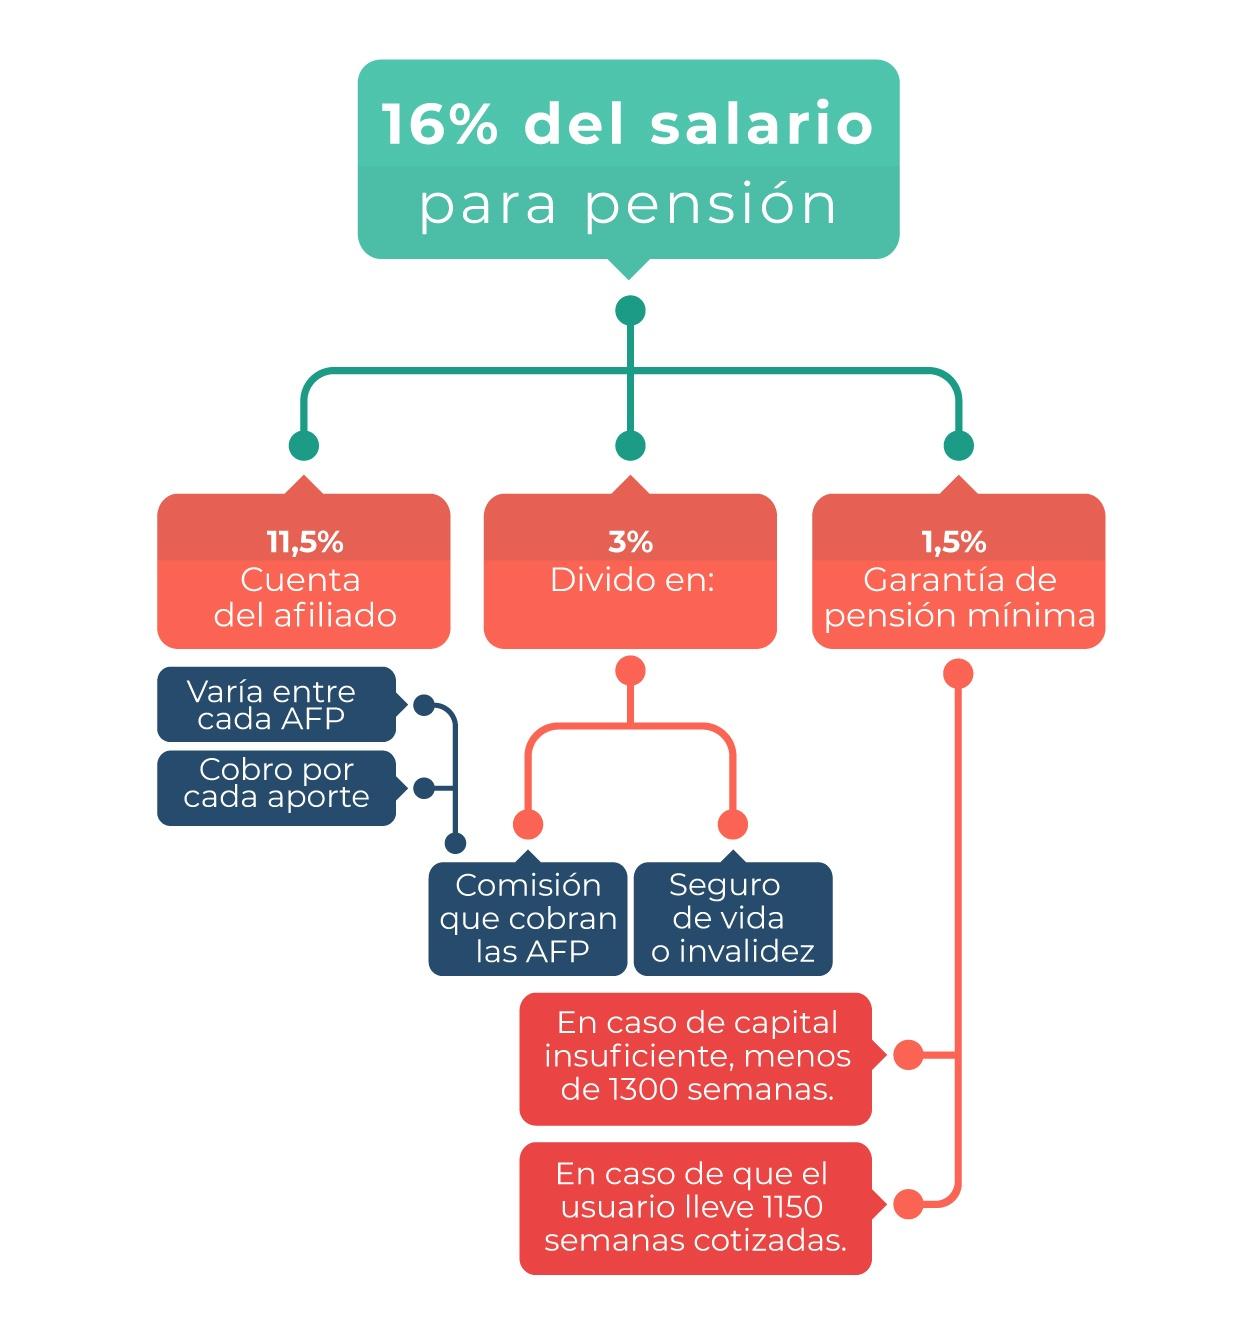 datos_en_contexto_funcionamiento_del_sistema_pensional_colombiano-07-08